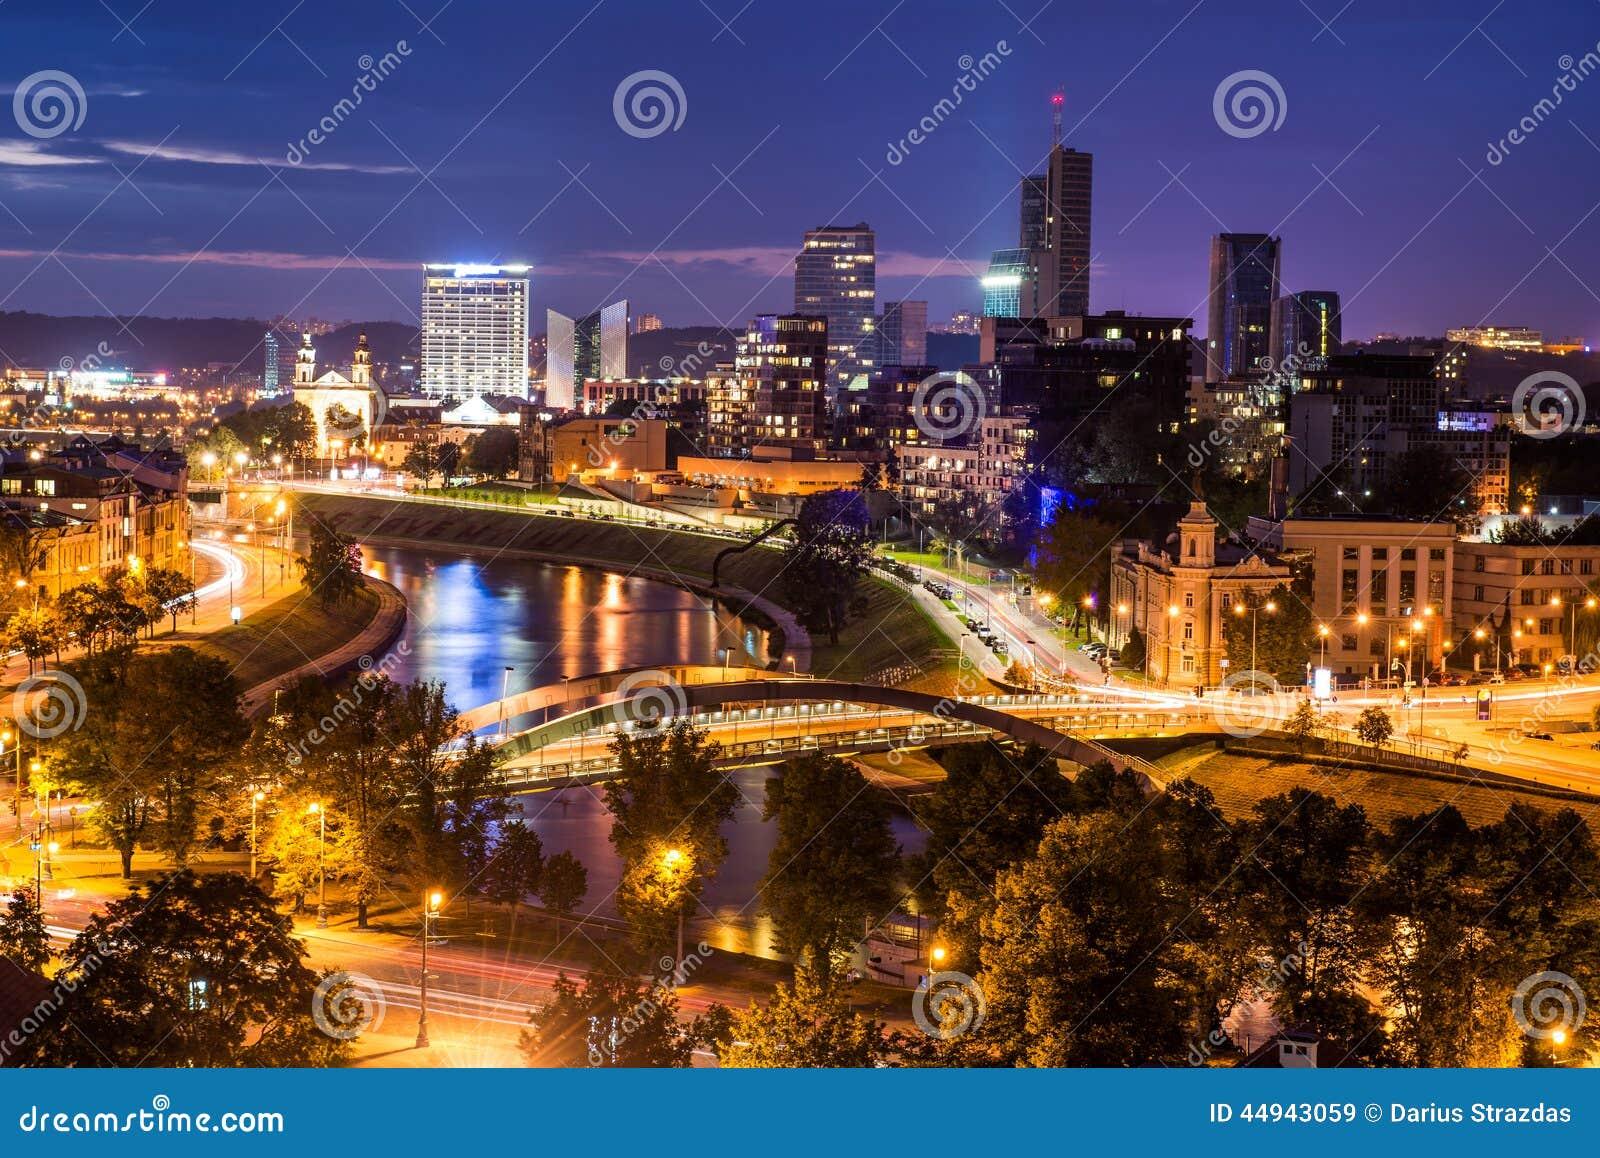 Vilnius night scene